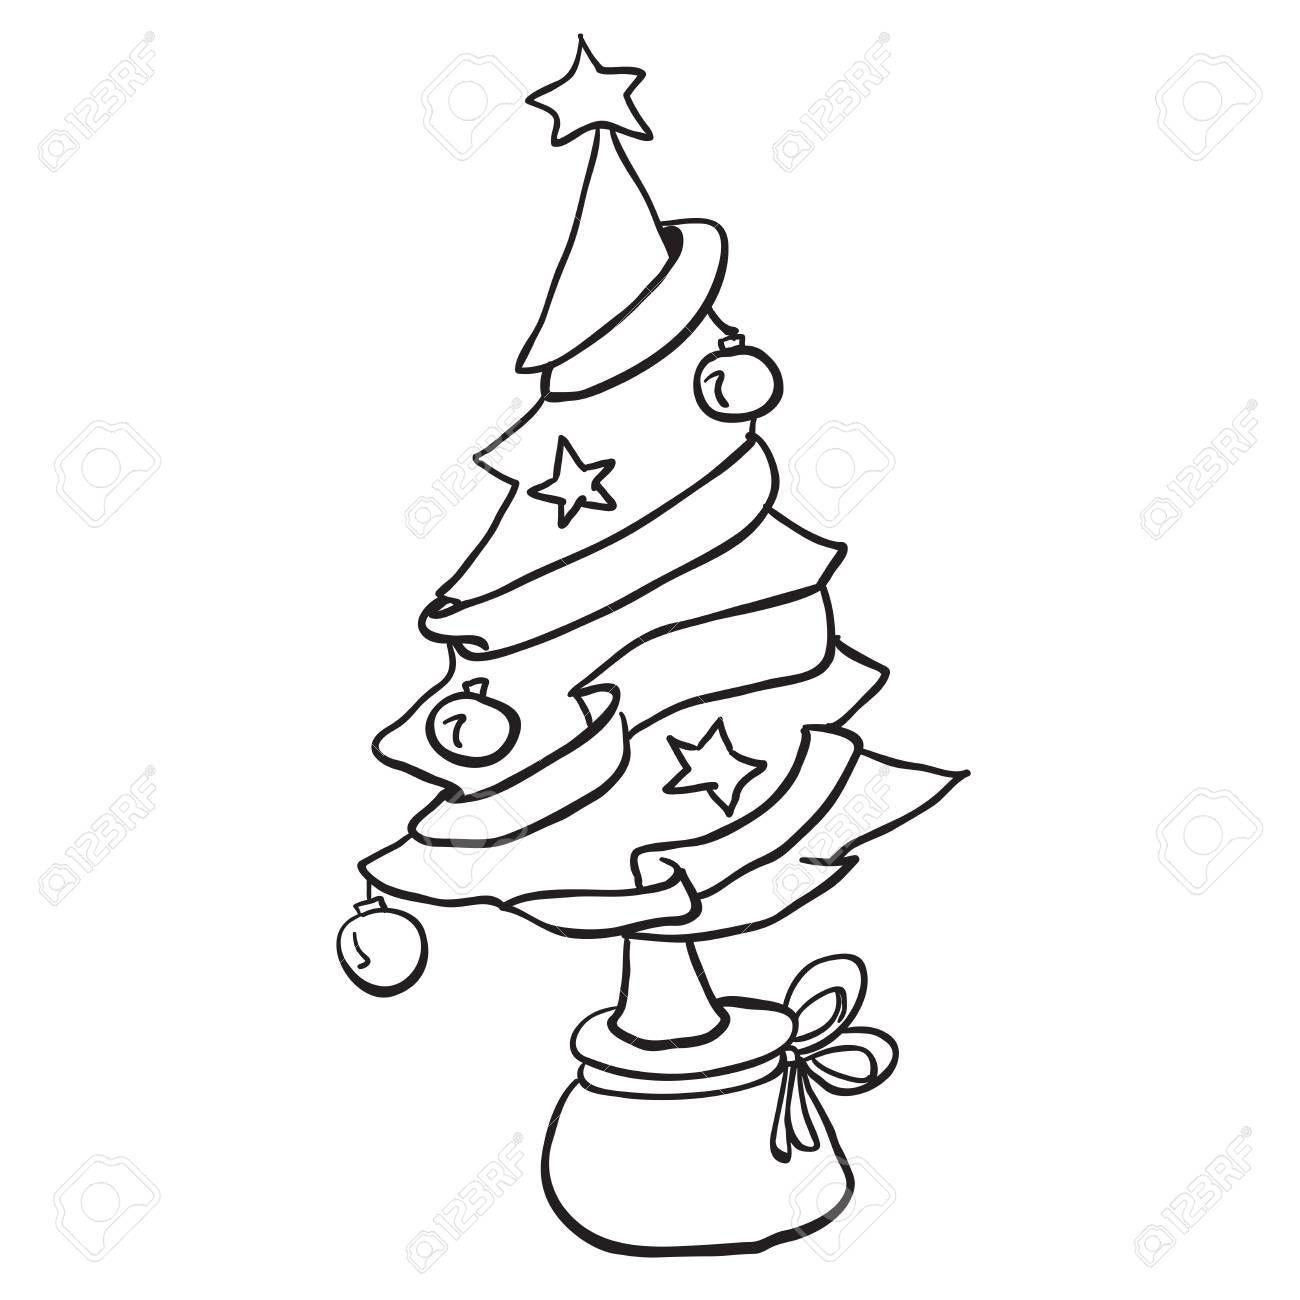 Simple Black And White Christmas Tree Cartoon Christmas Tree Card Balls Star Gi Balls Bla In 2020 Cartoon Christmas Tree Christmas Tree Cards White Christmas Tree